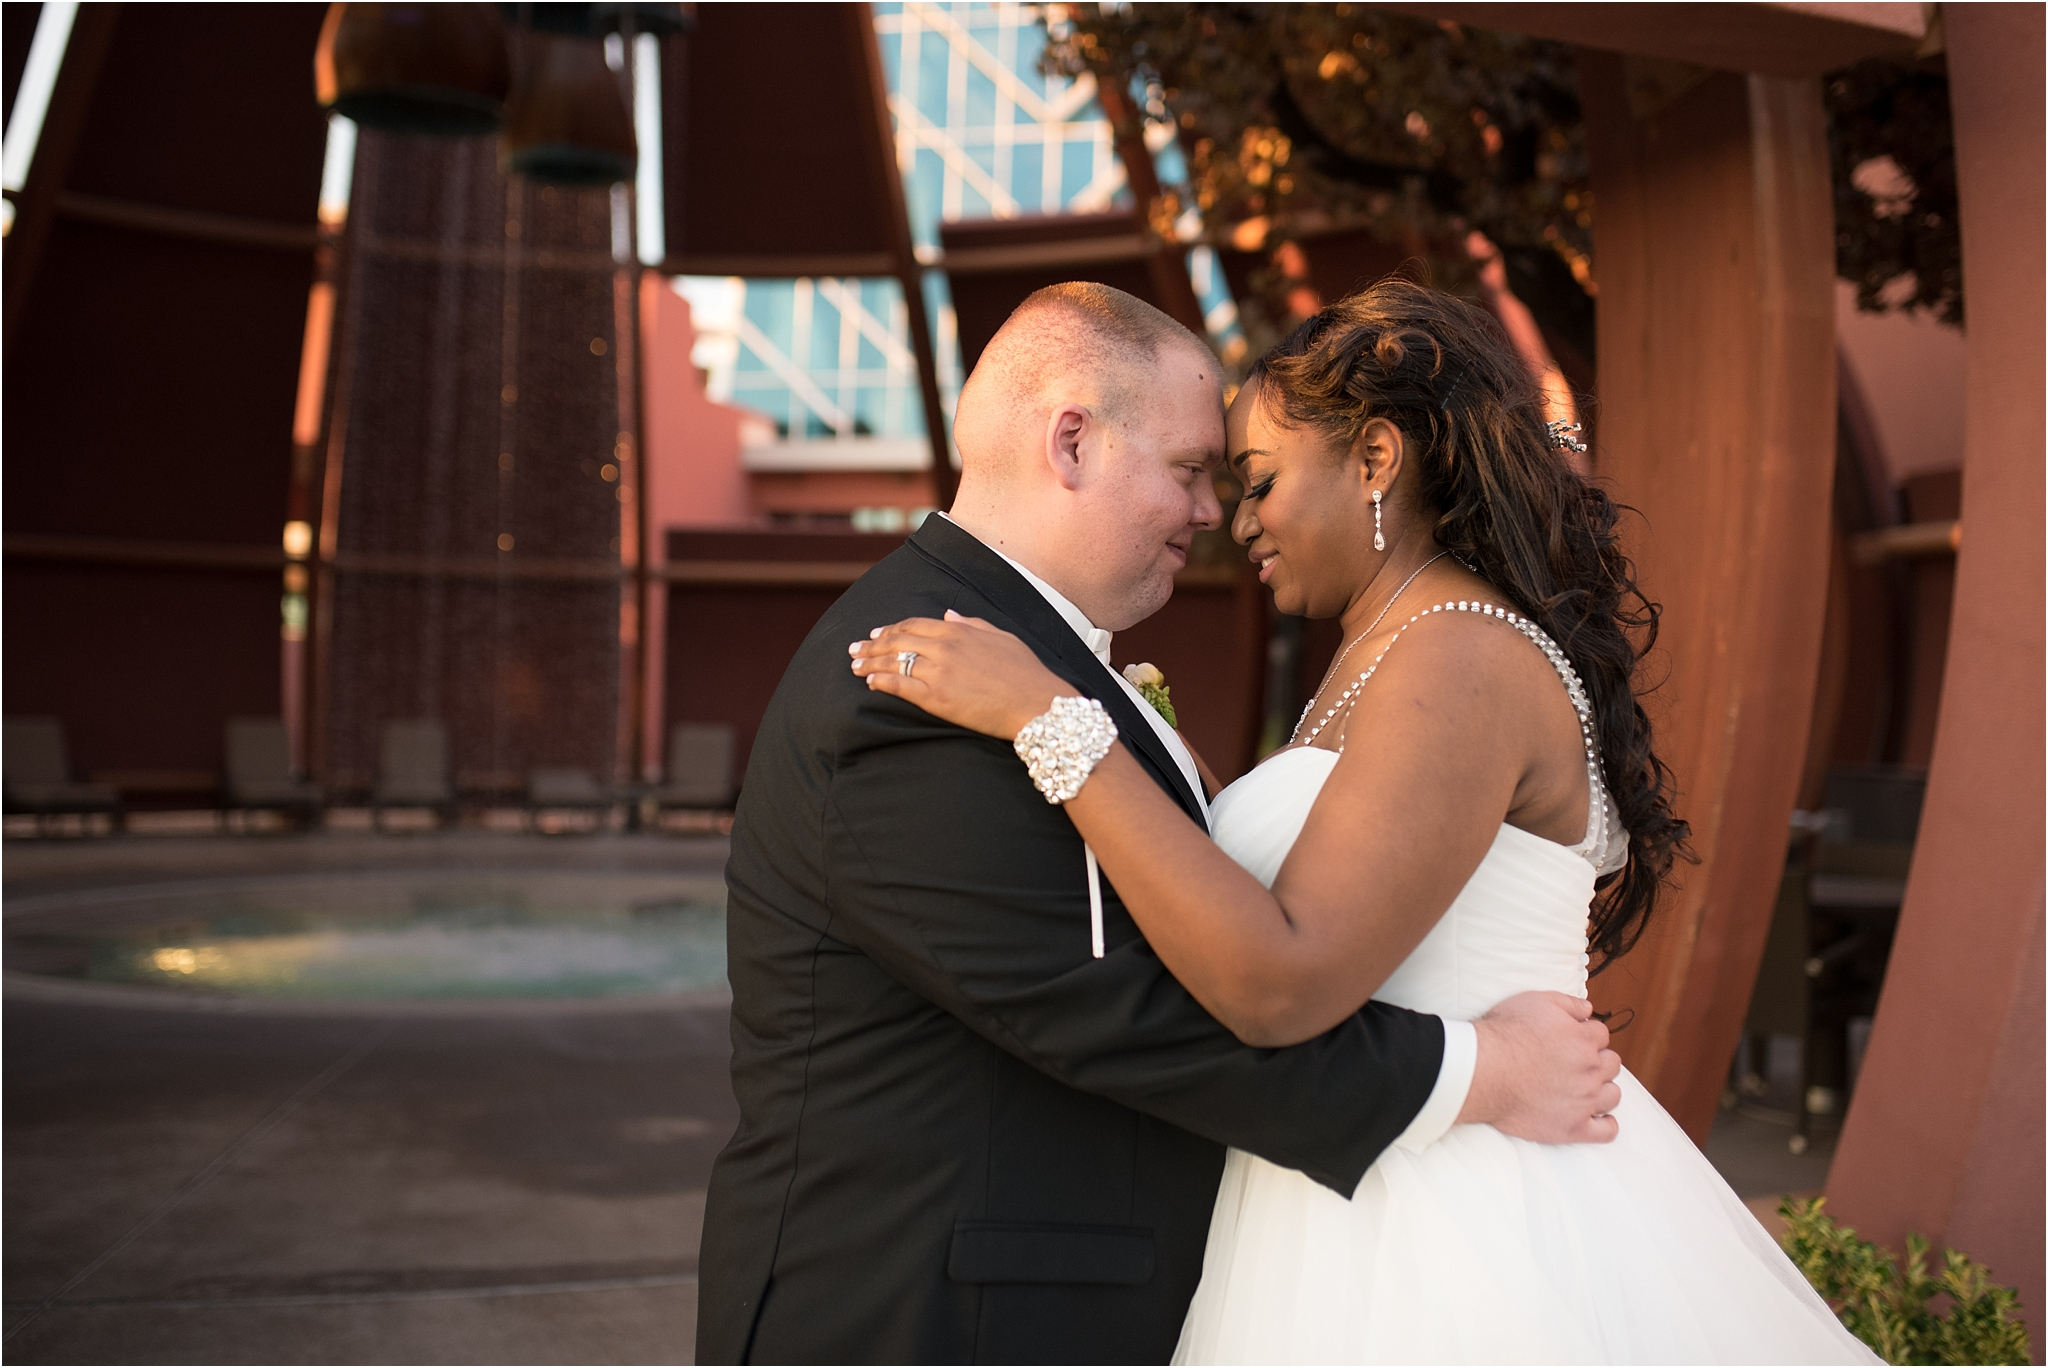 kayla kitts photography - albuquerque wedding photographer - isleta wedding_0031.jpg